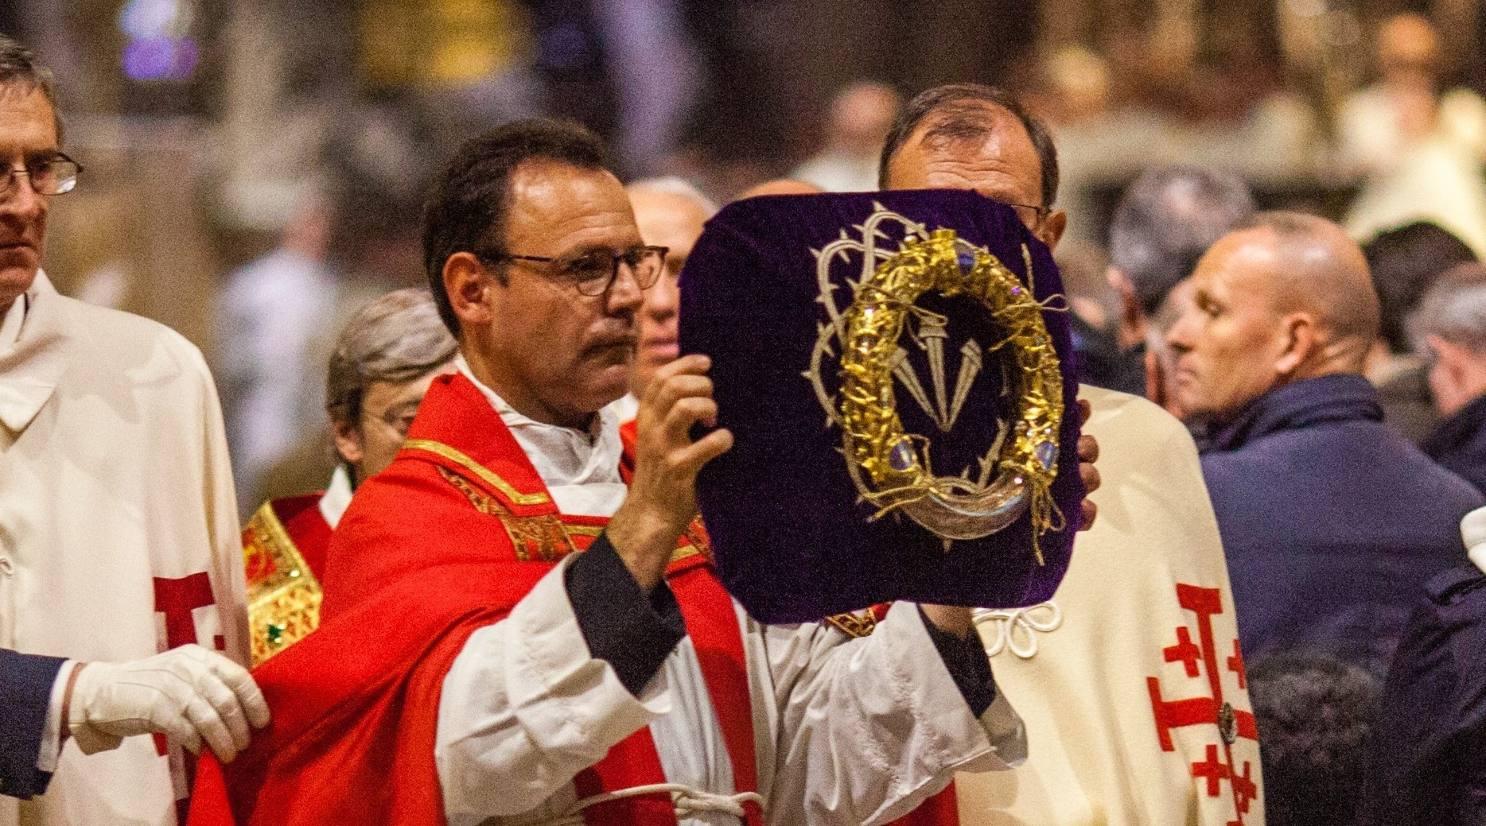 La Sainte Couronne d'épines de notre Roi